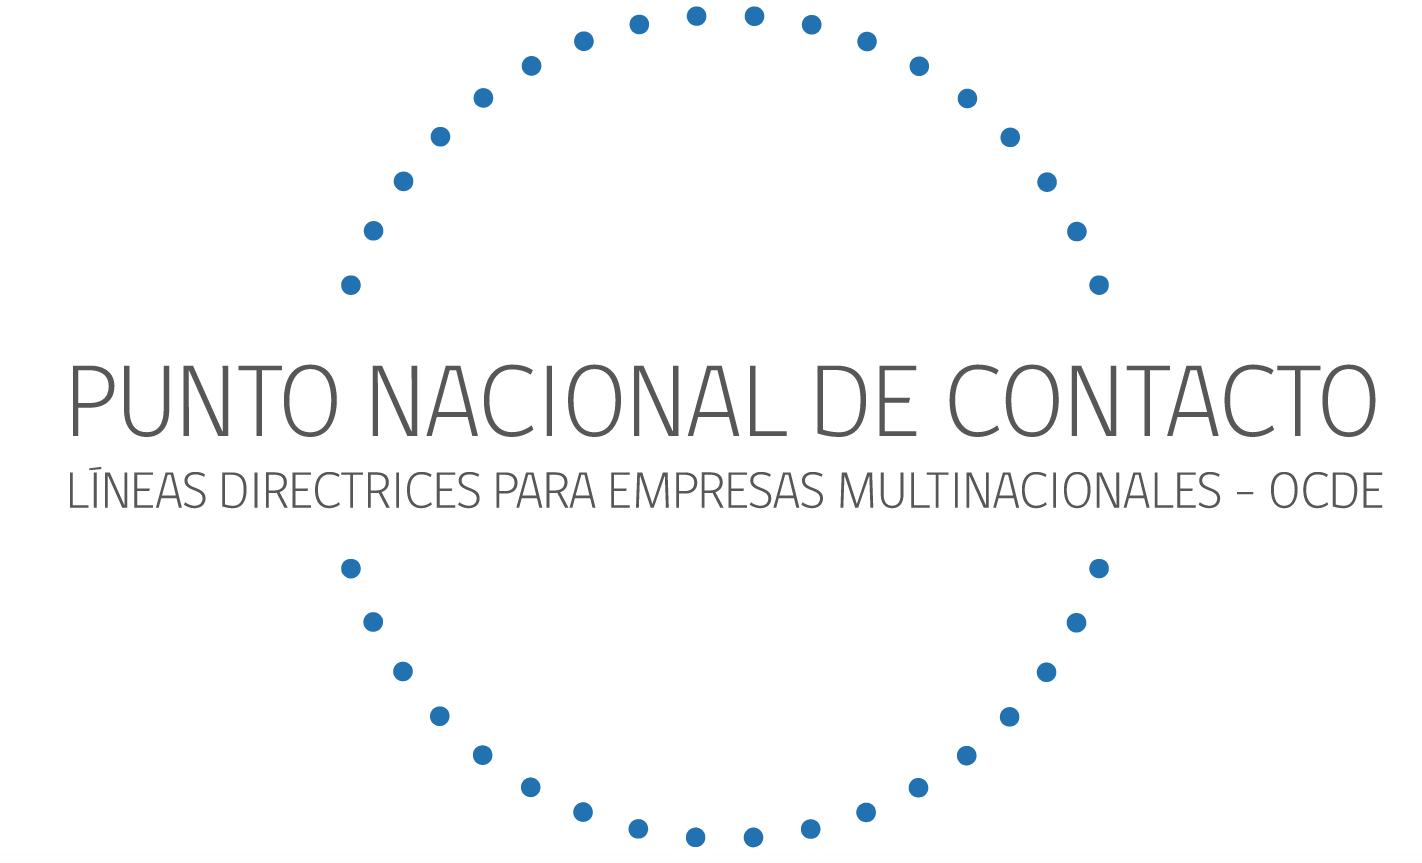 Punto Nacional de Contacto (PNC)